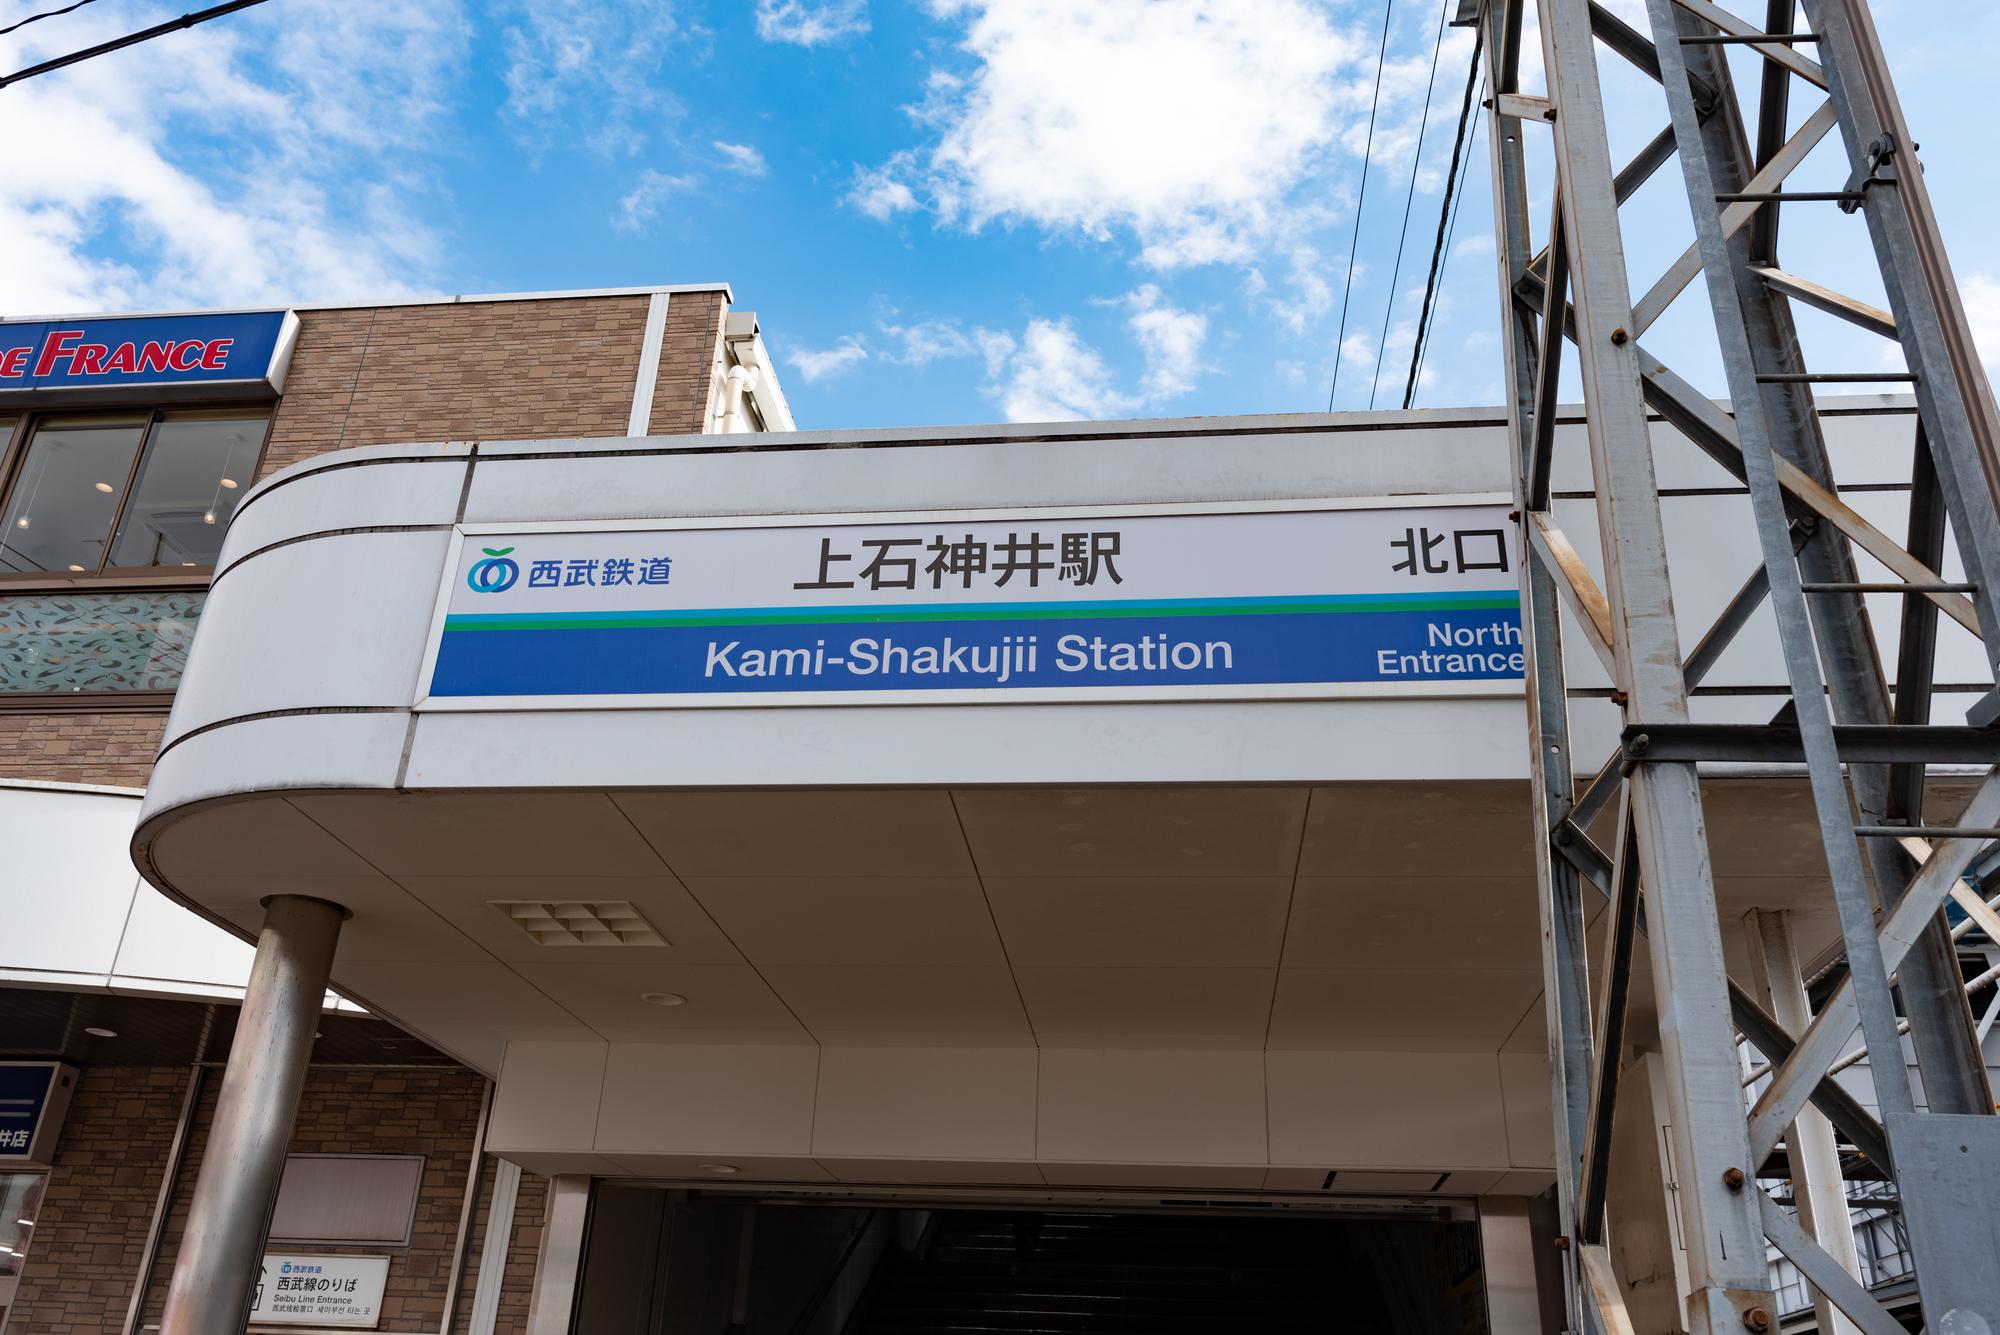 土曜に通院したい方へ!上石神井駅の歯医者さん、おすすめポイント紹介